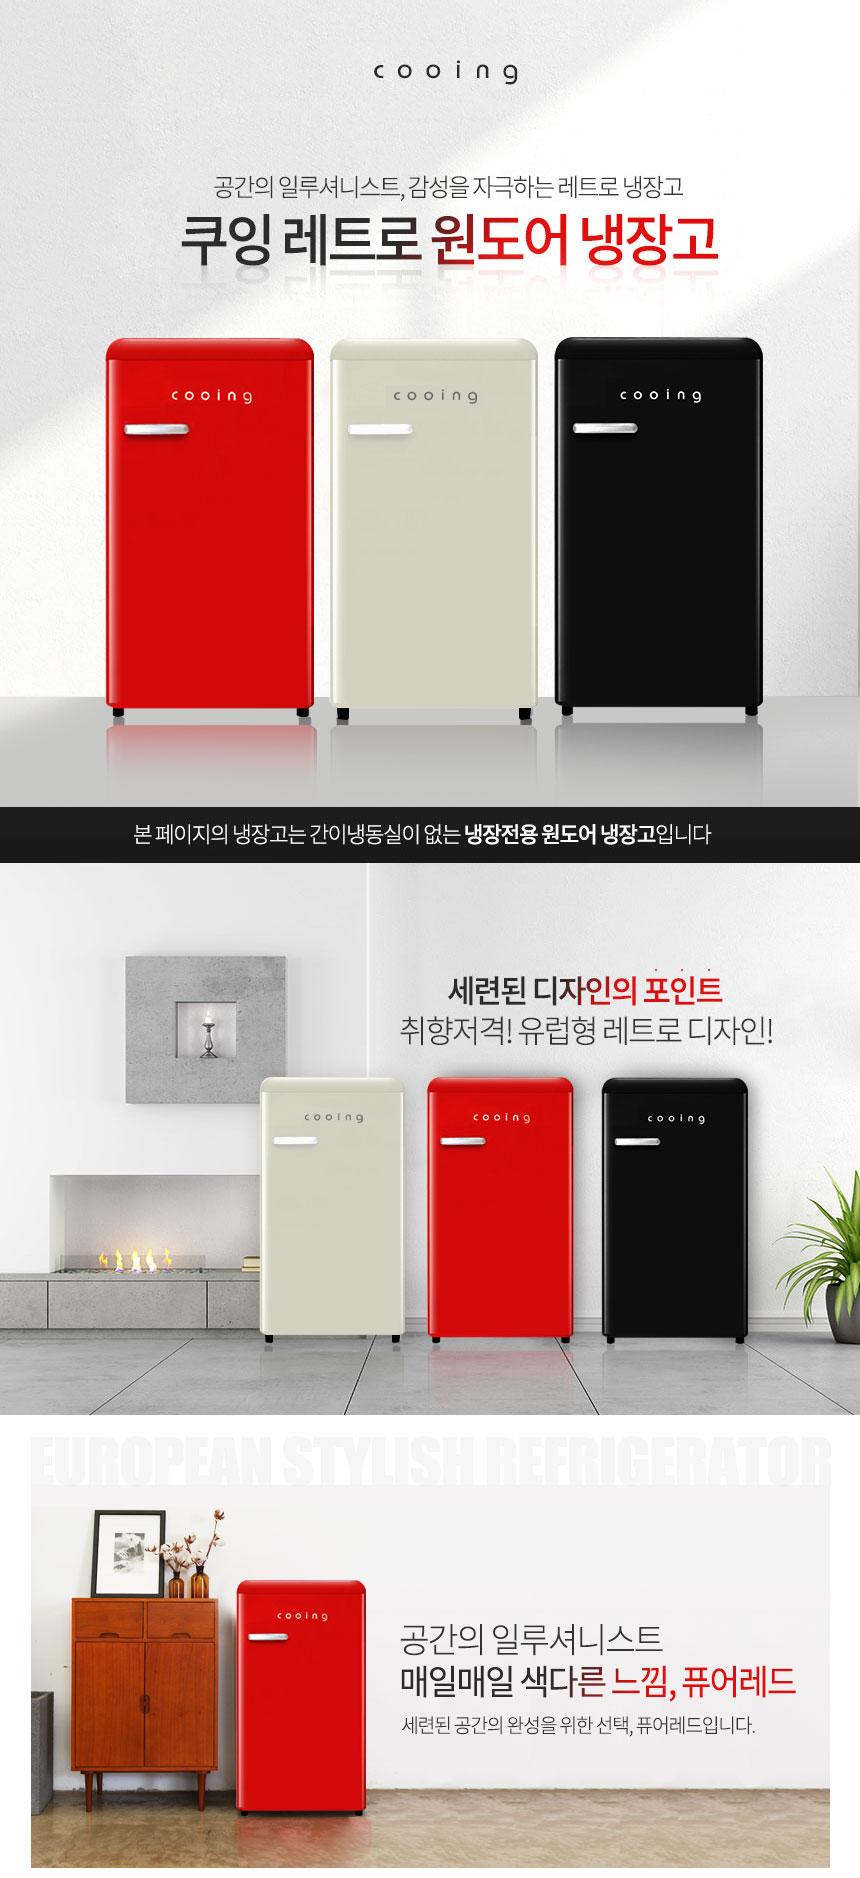 상세페이지 1, 쿠잉레트로원도어냉장고, 냉장전용, 유럽형레트로디자인, REF-S92R, REF-S92BK